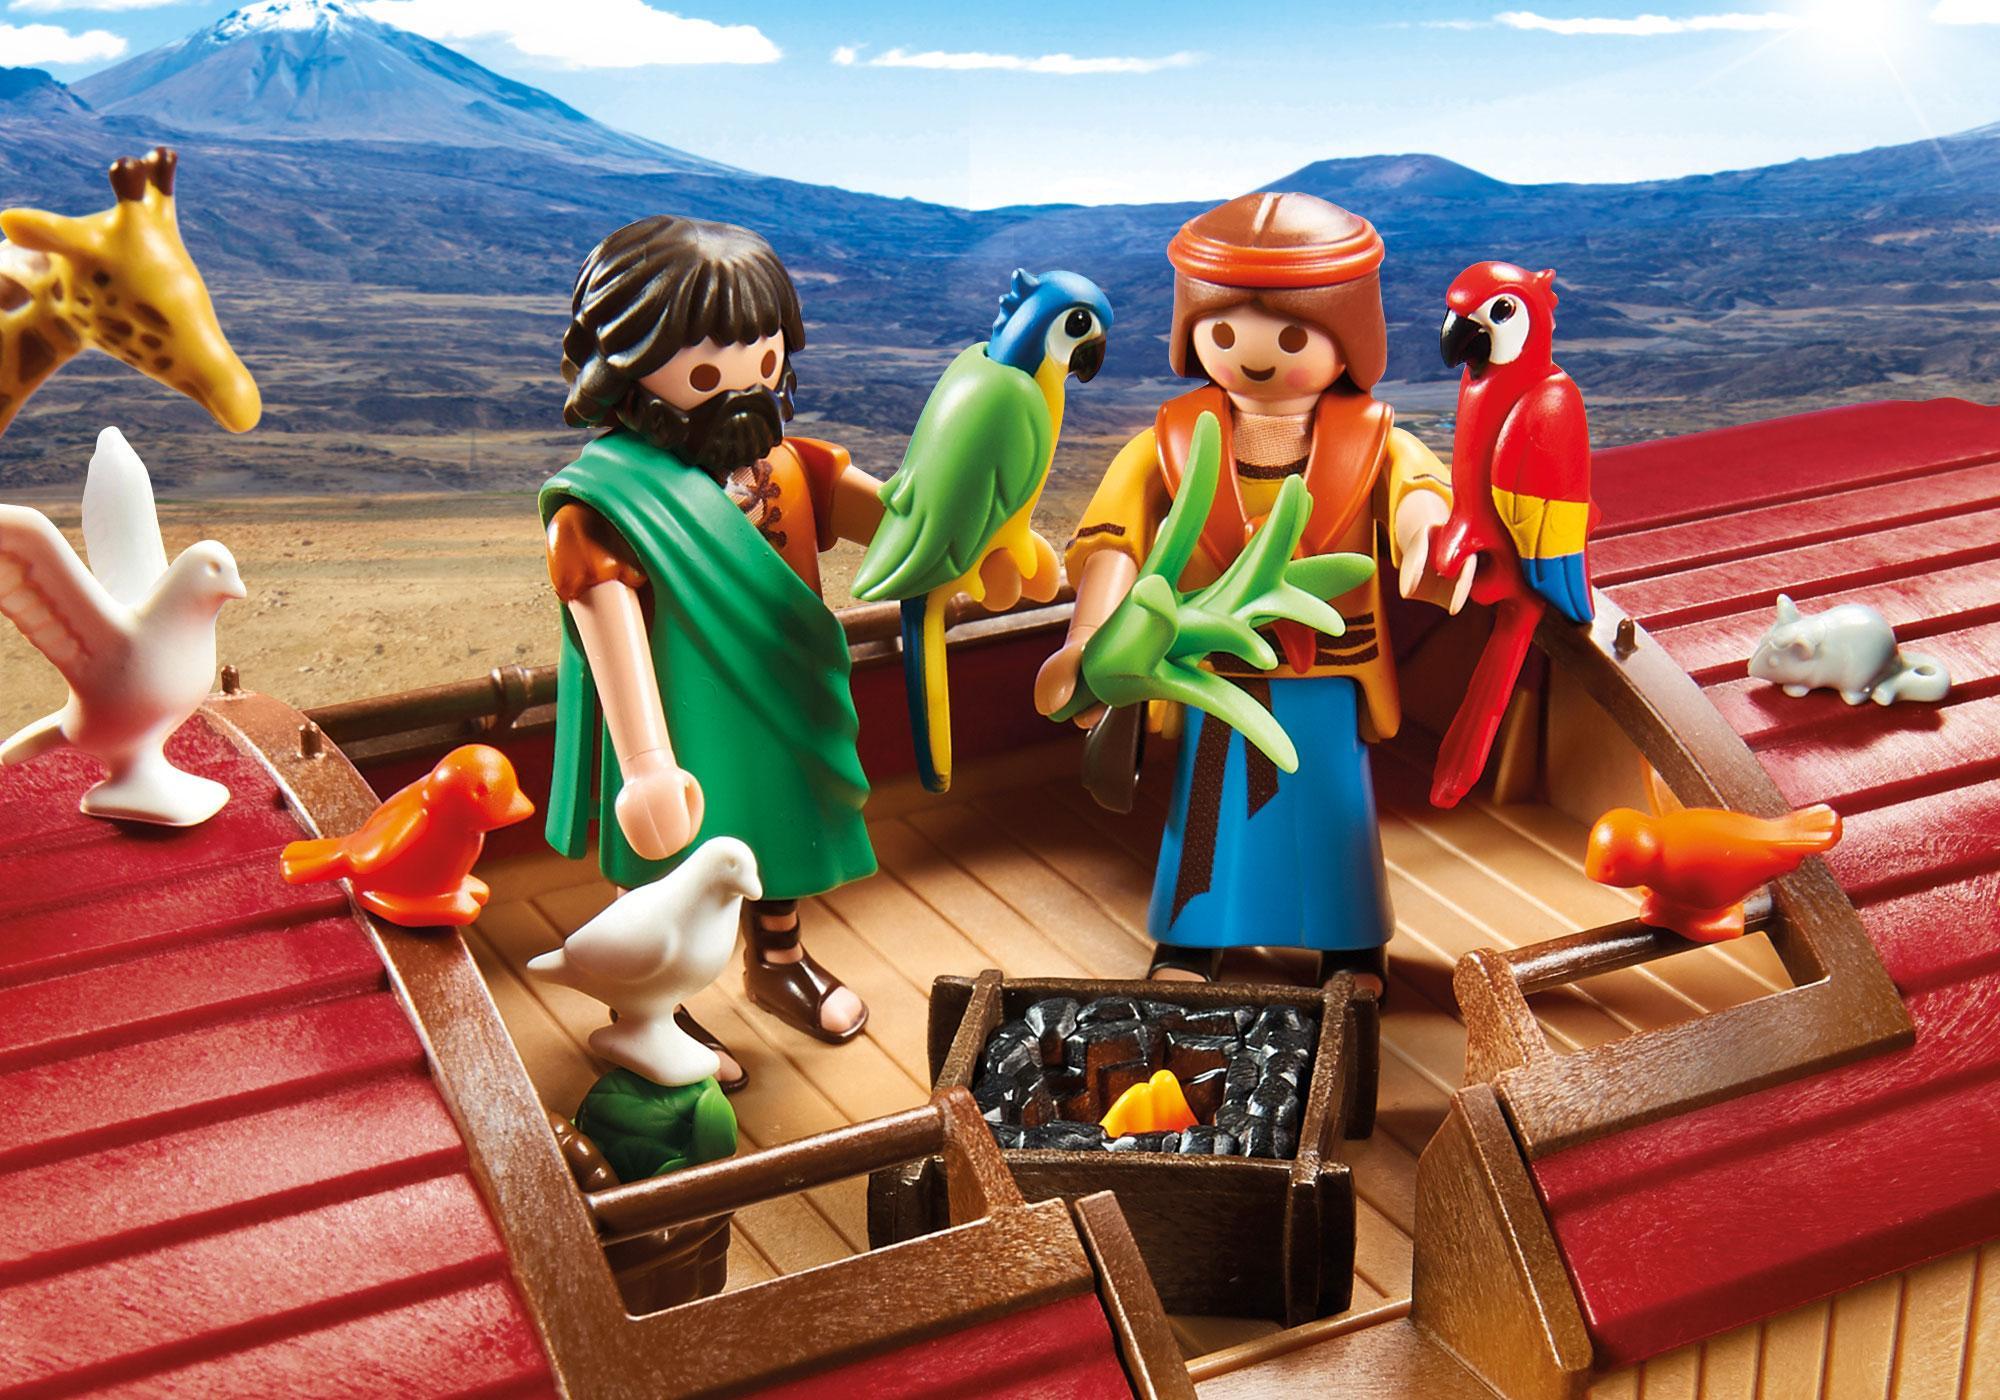 http://media.playmobil.com/i/playmobil/9373_product_extra1/Arca de Noé